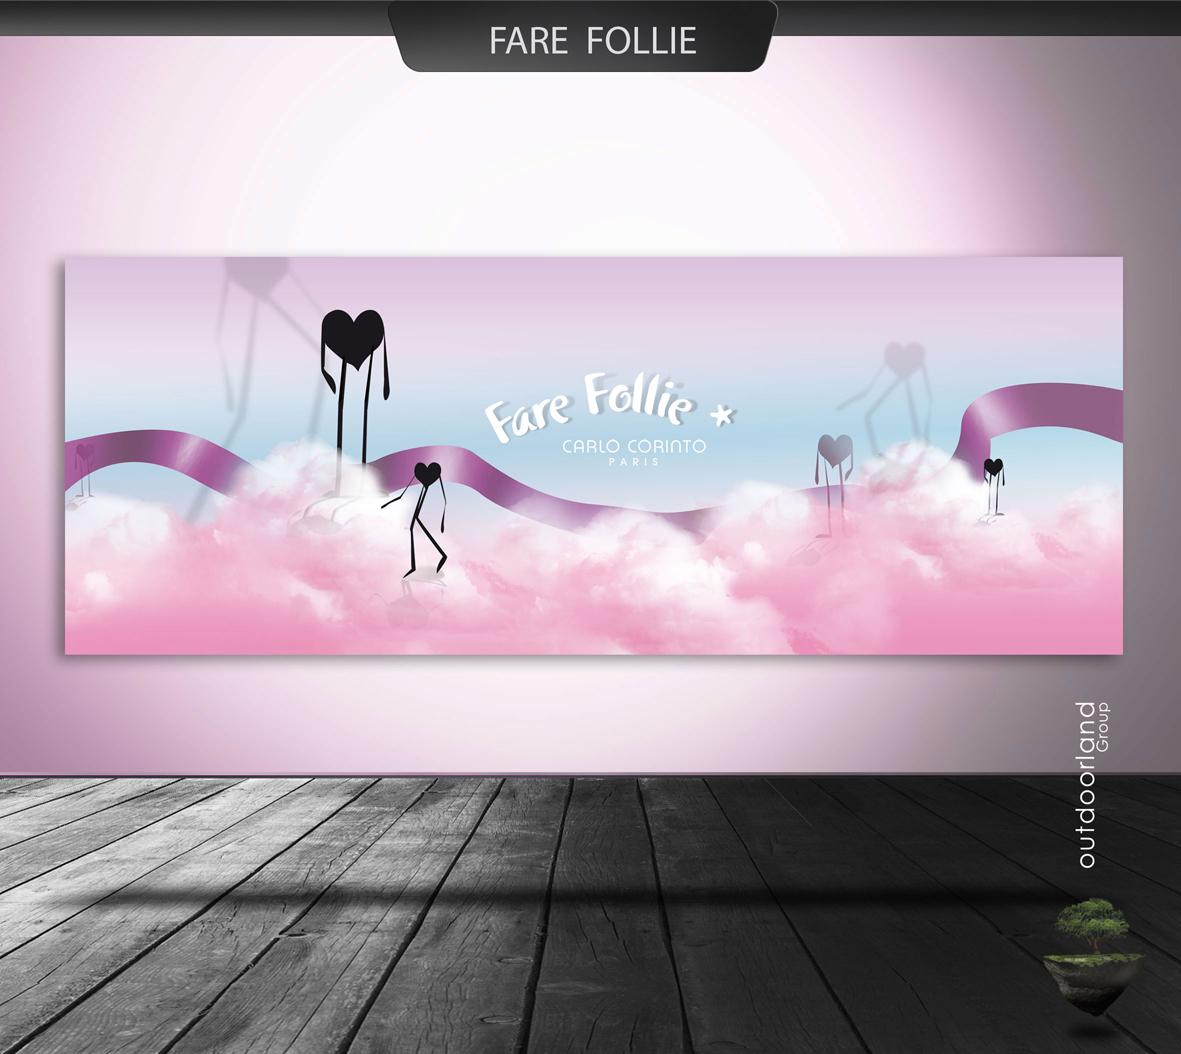 cc-fare-follie-4